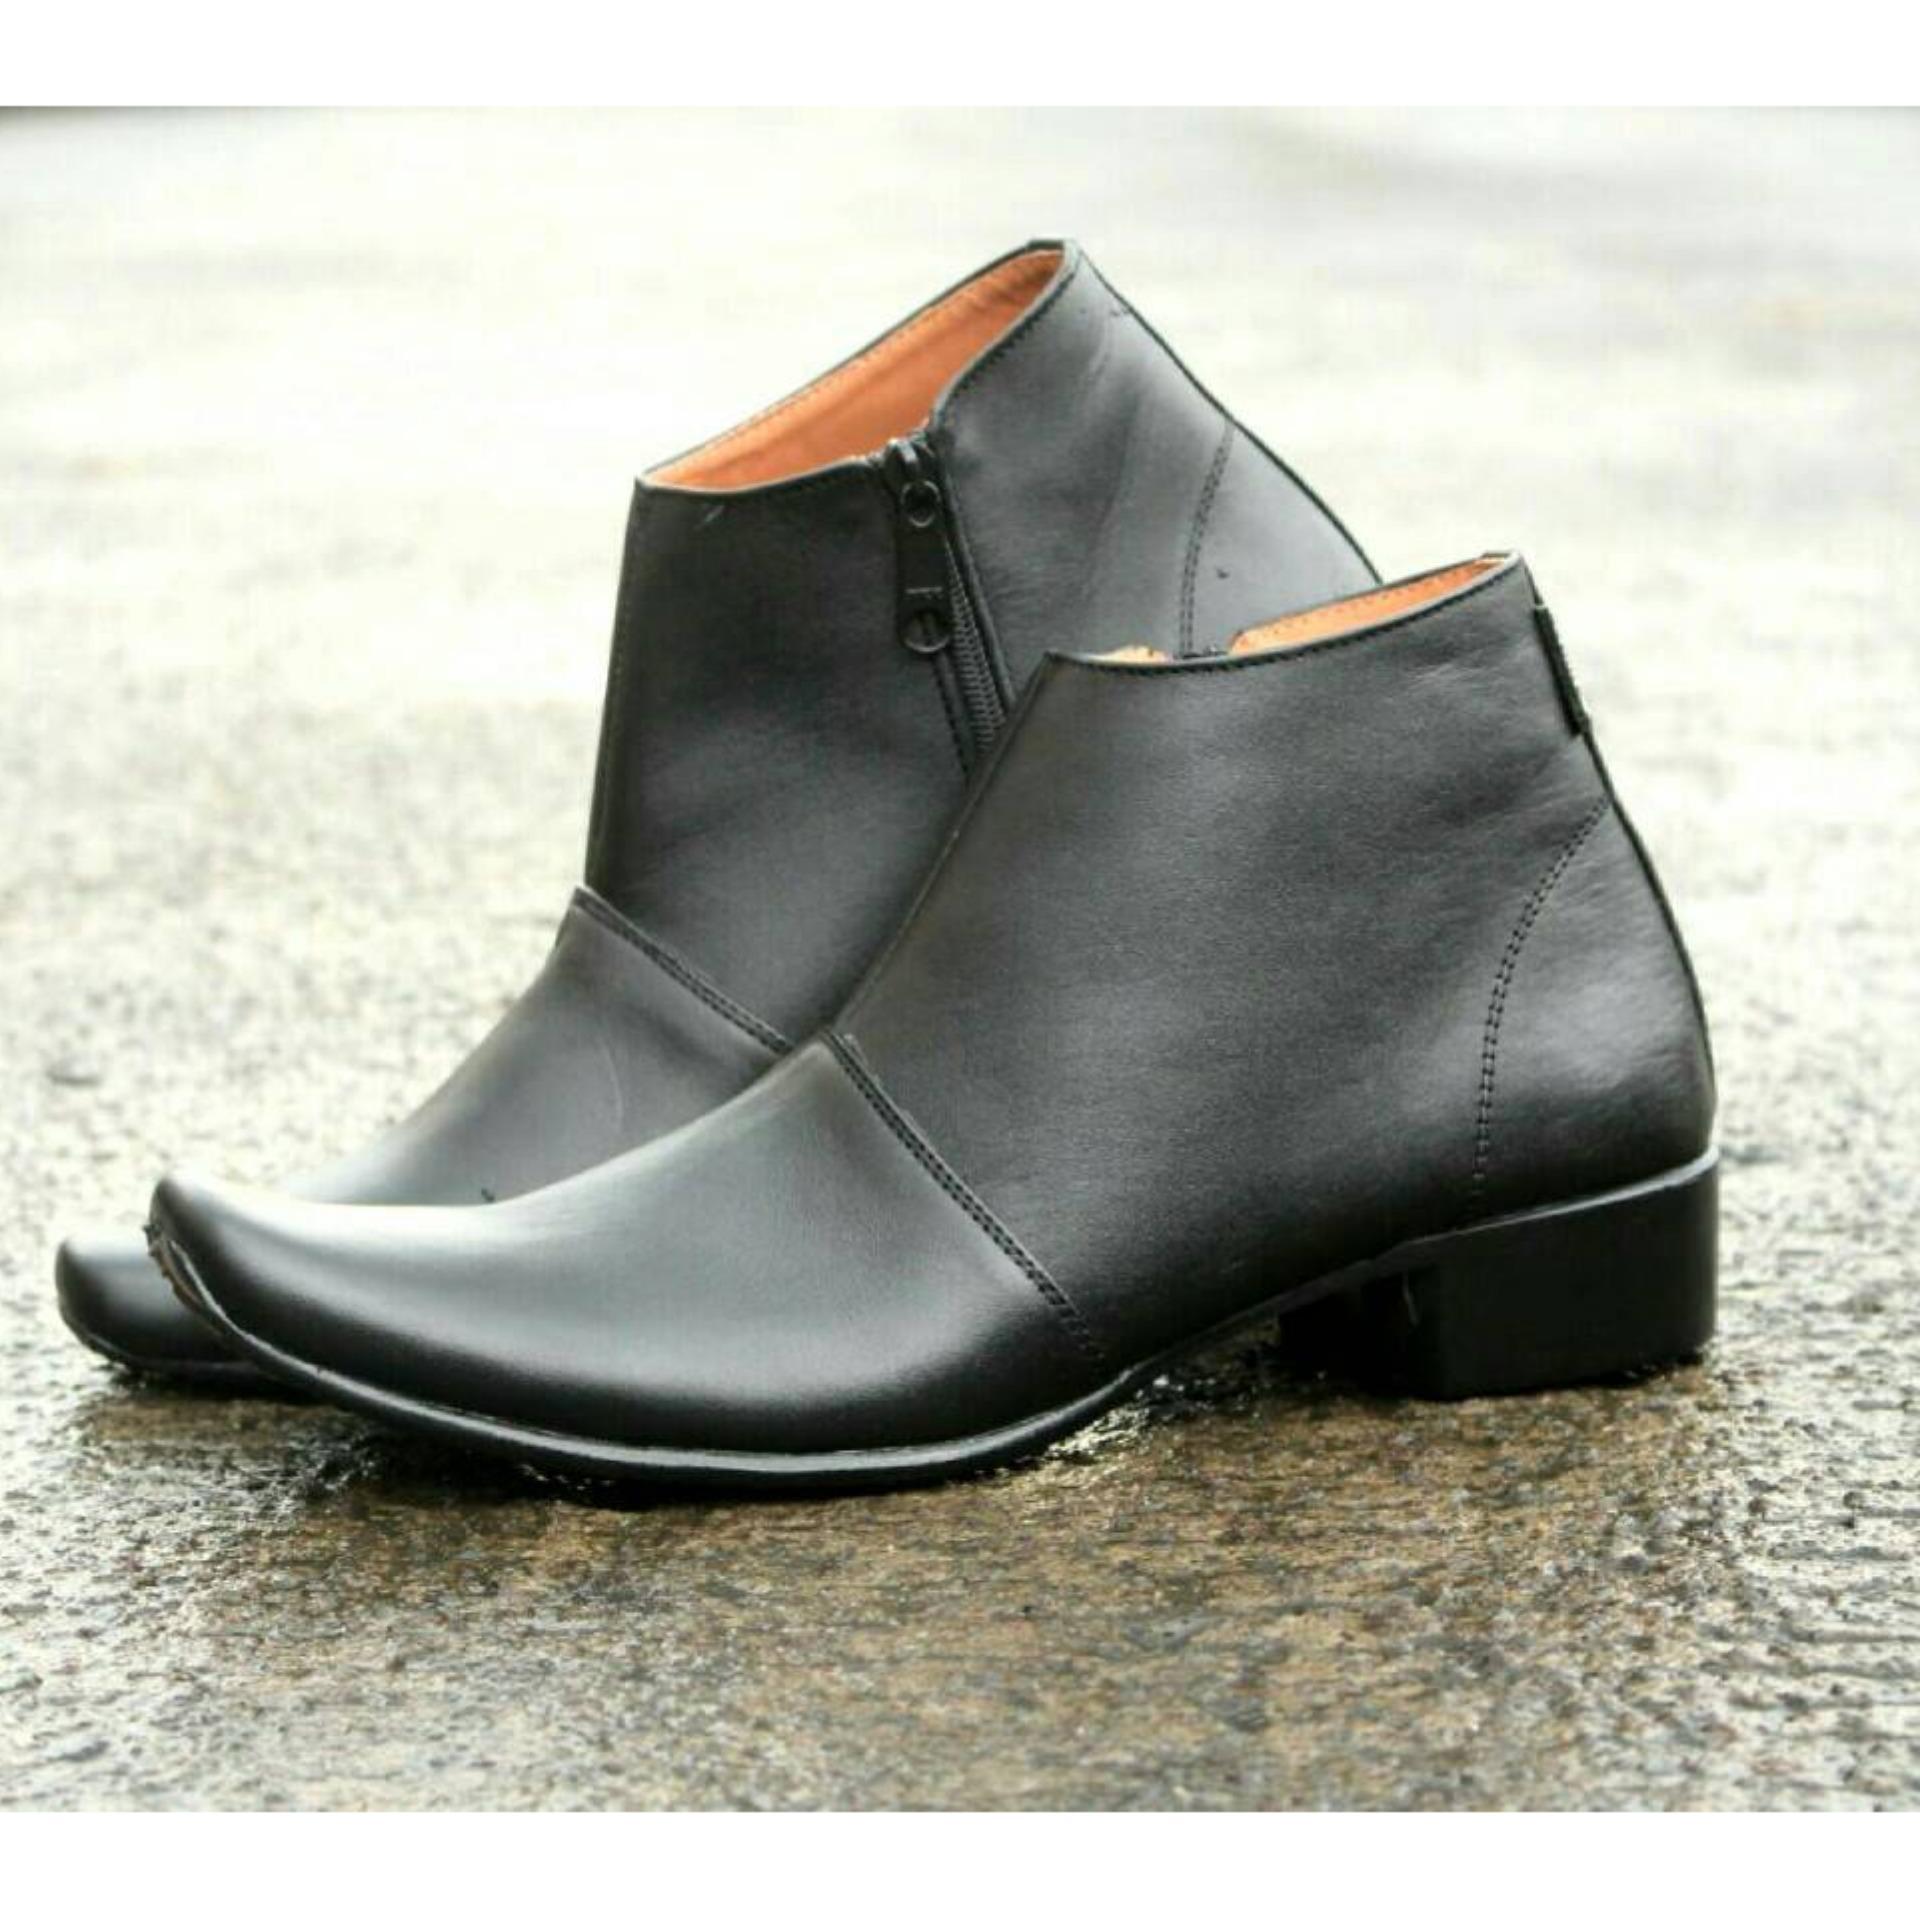 Harga Saya Sepatu Pantopel Formal Pria Kulit Asli Cevany Mice Badami Black